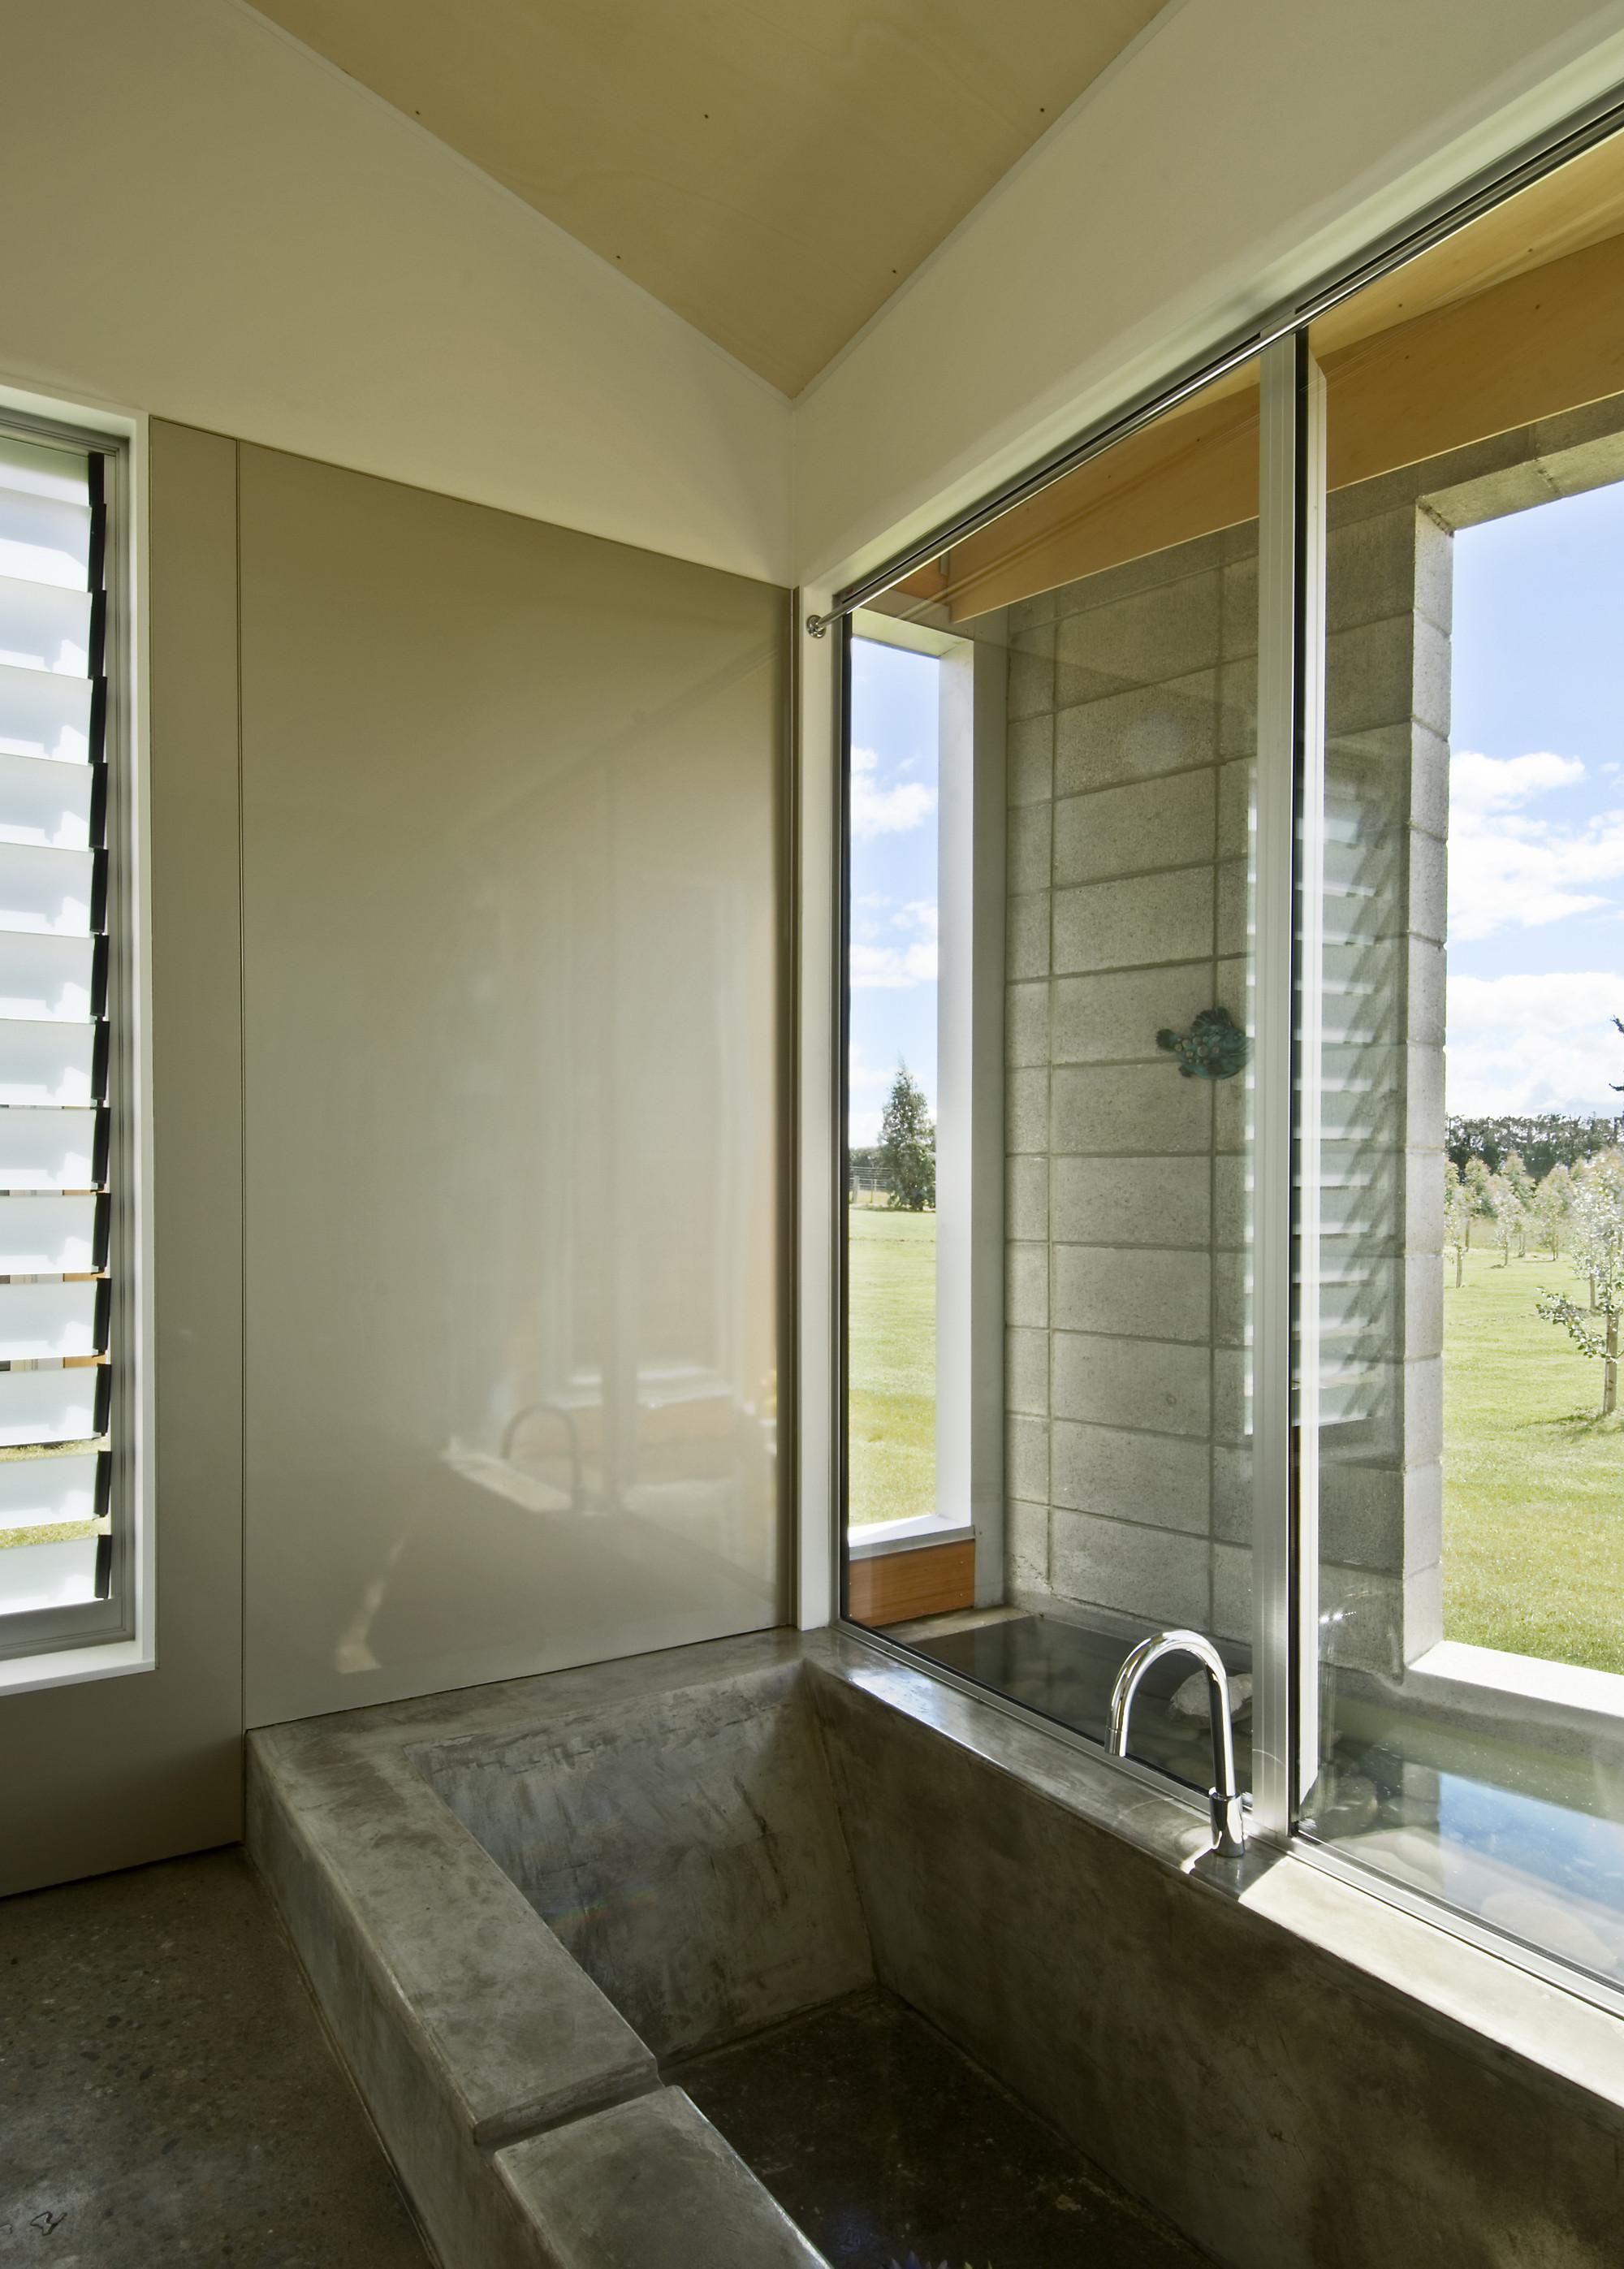 Cornege-Preston House / Bonnifait + Giesen